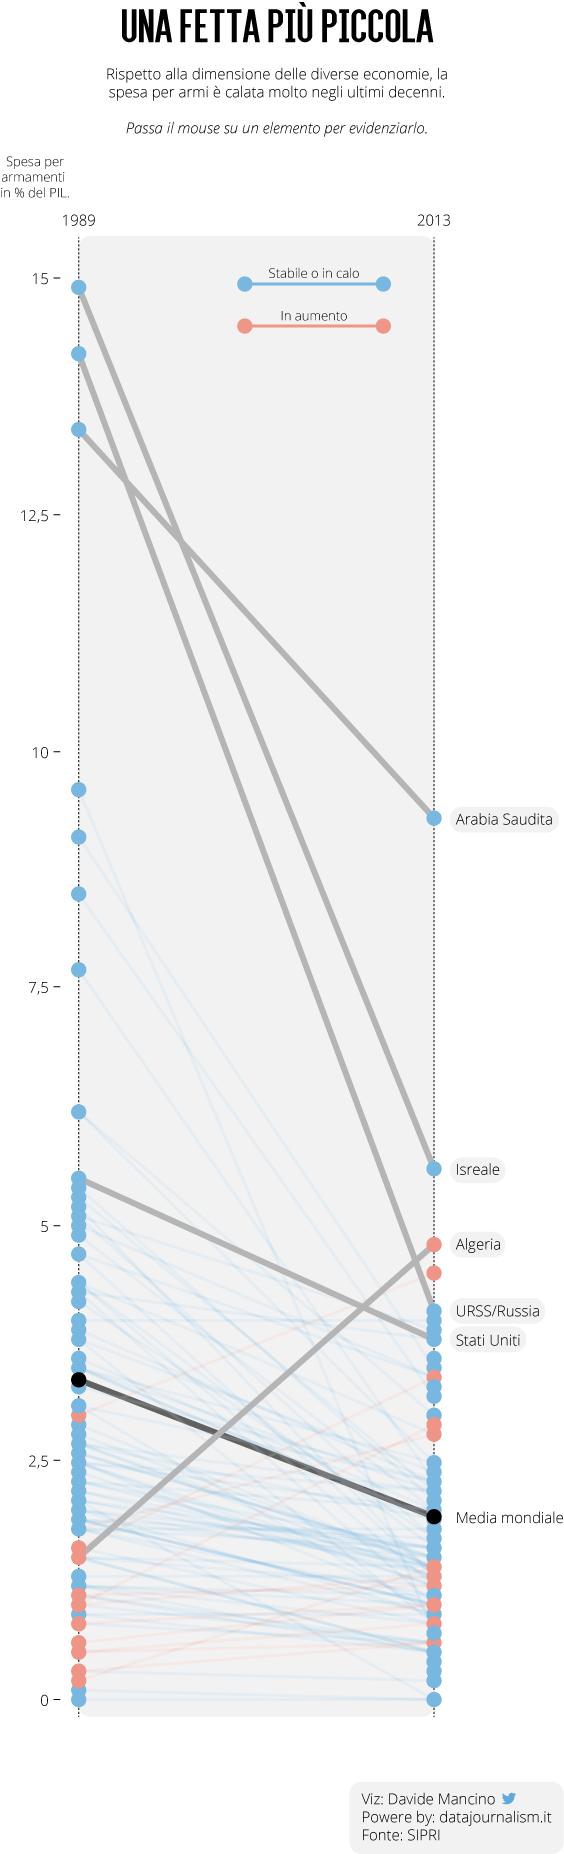 Military spending slope world 1991-2013